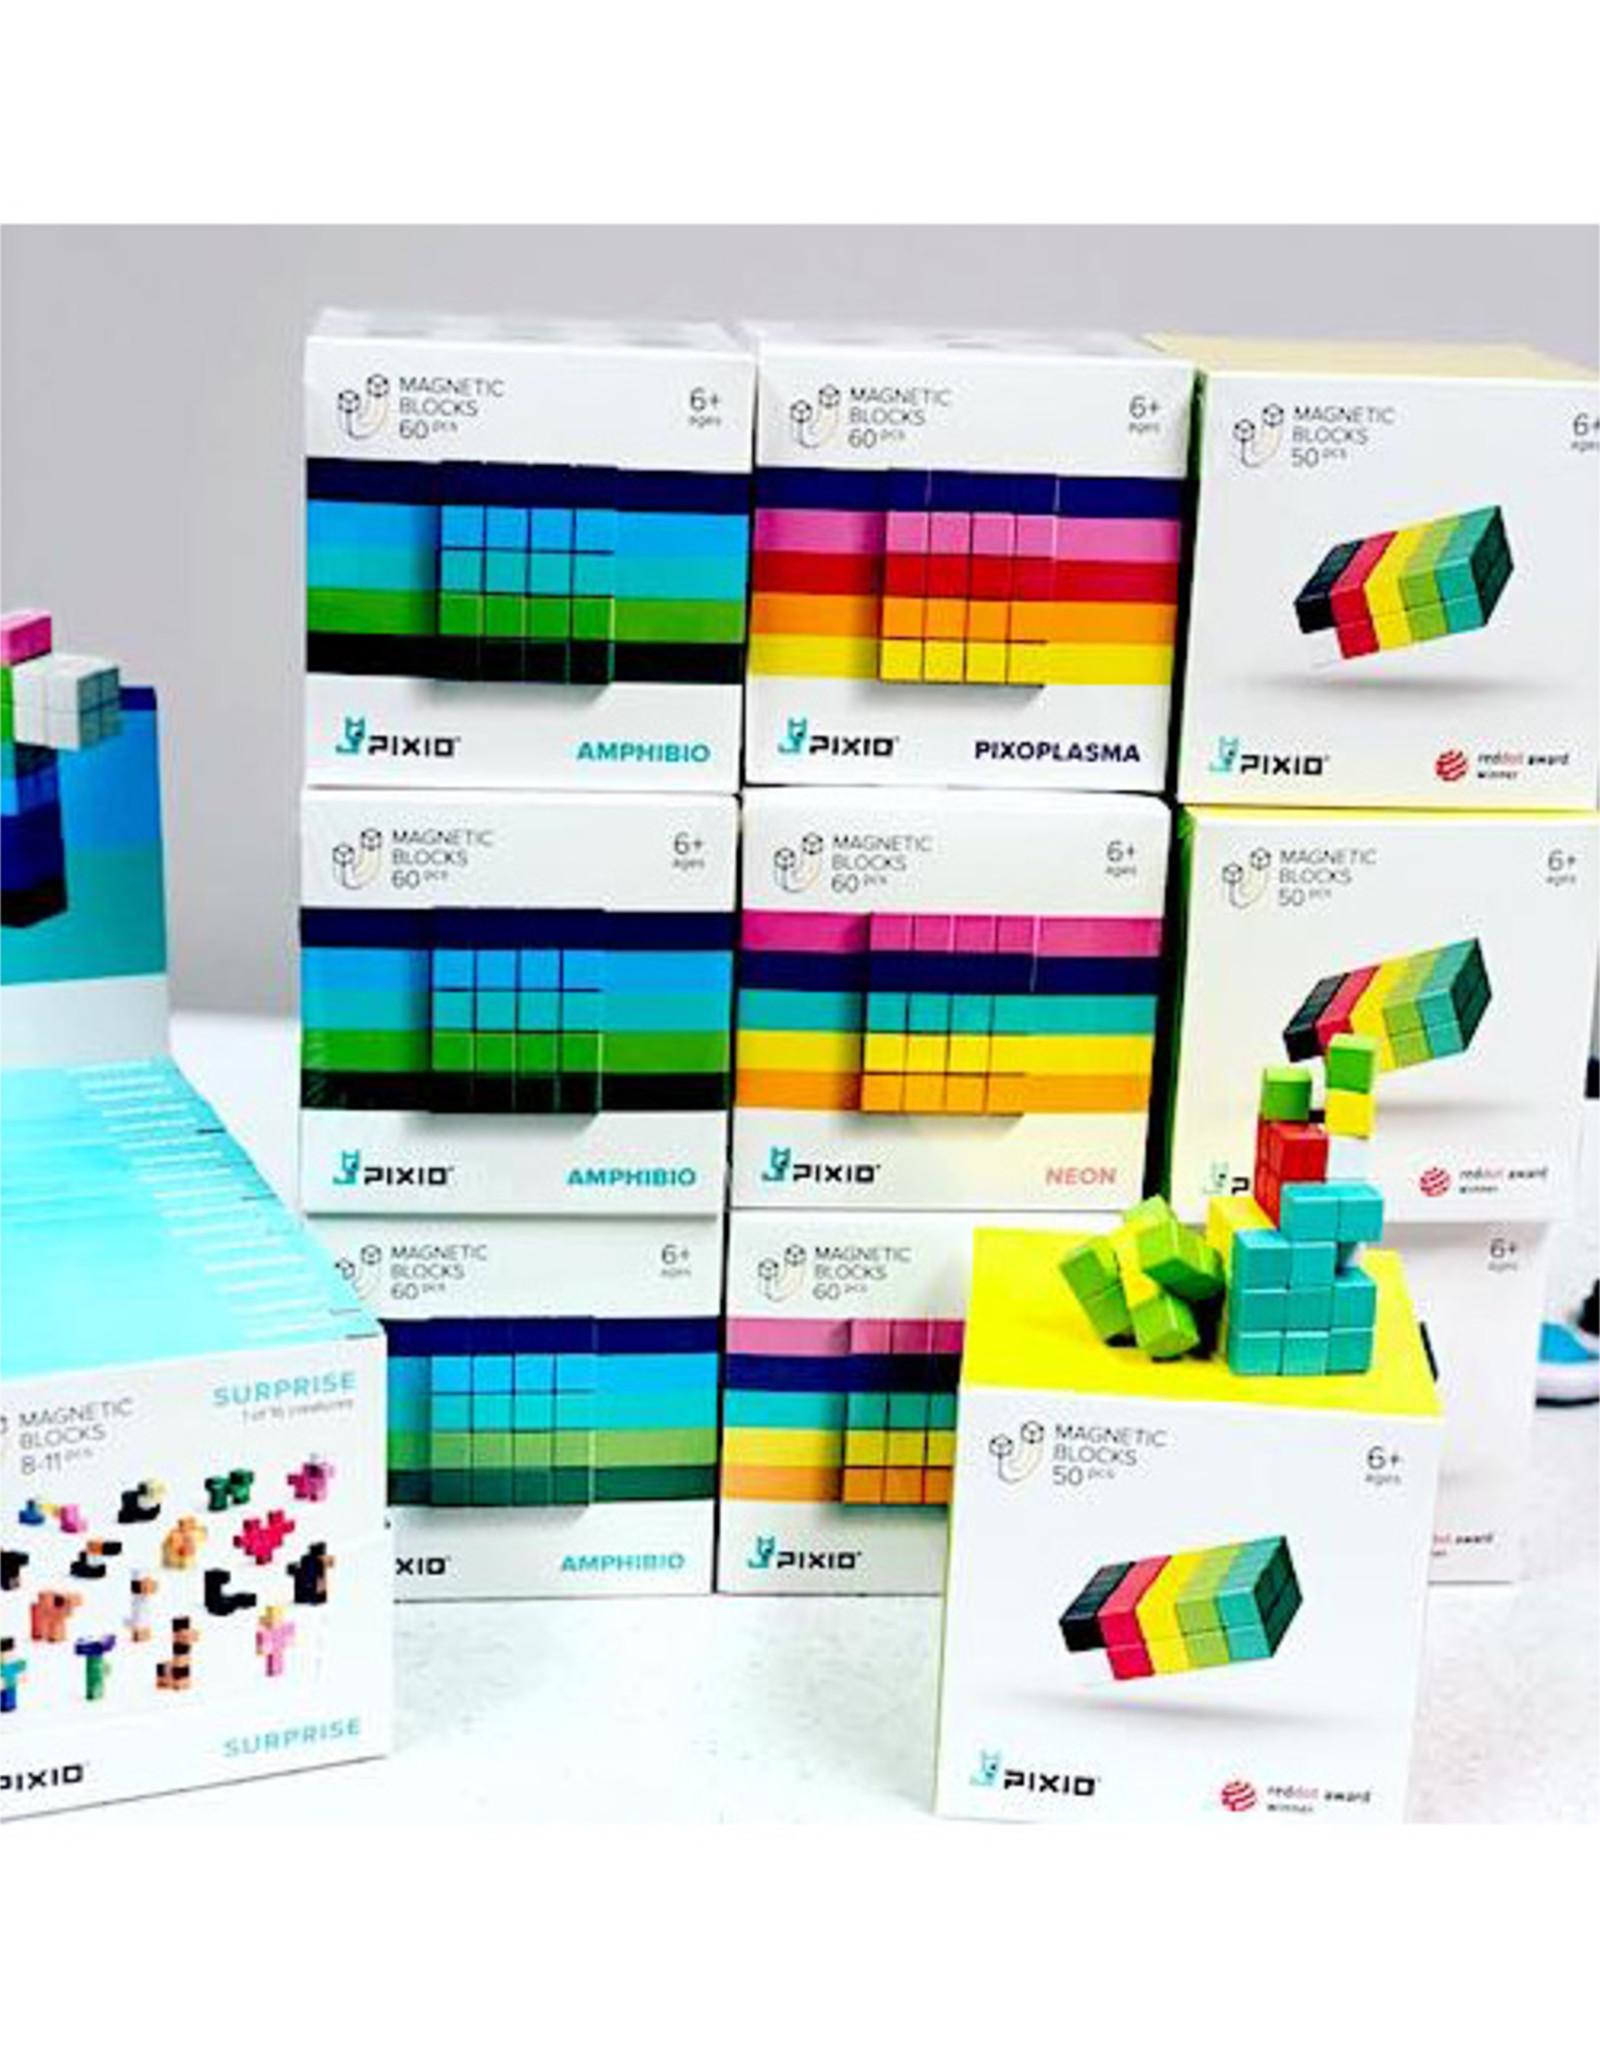 Pixio Pixio Magnetic Blocks 60 pieces